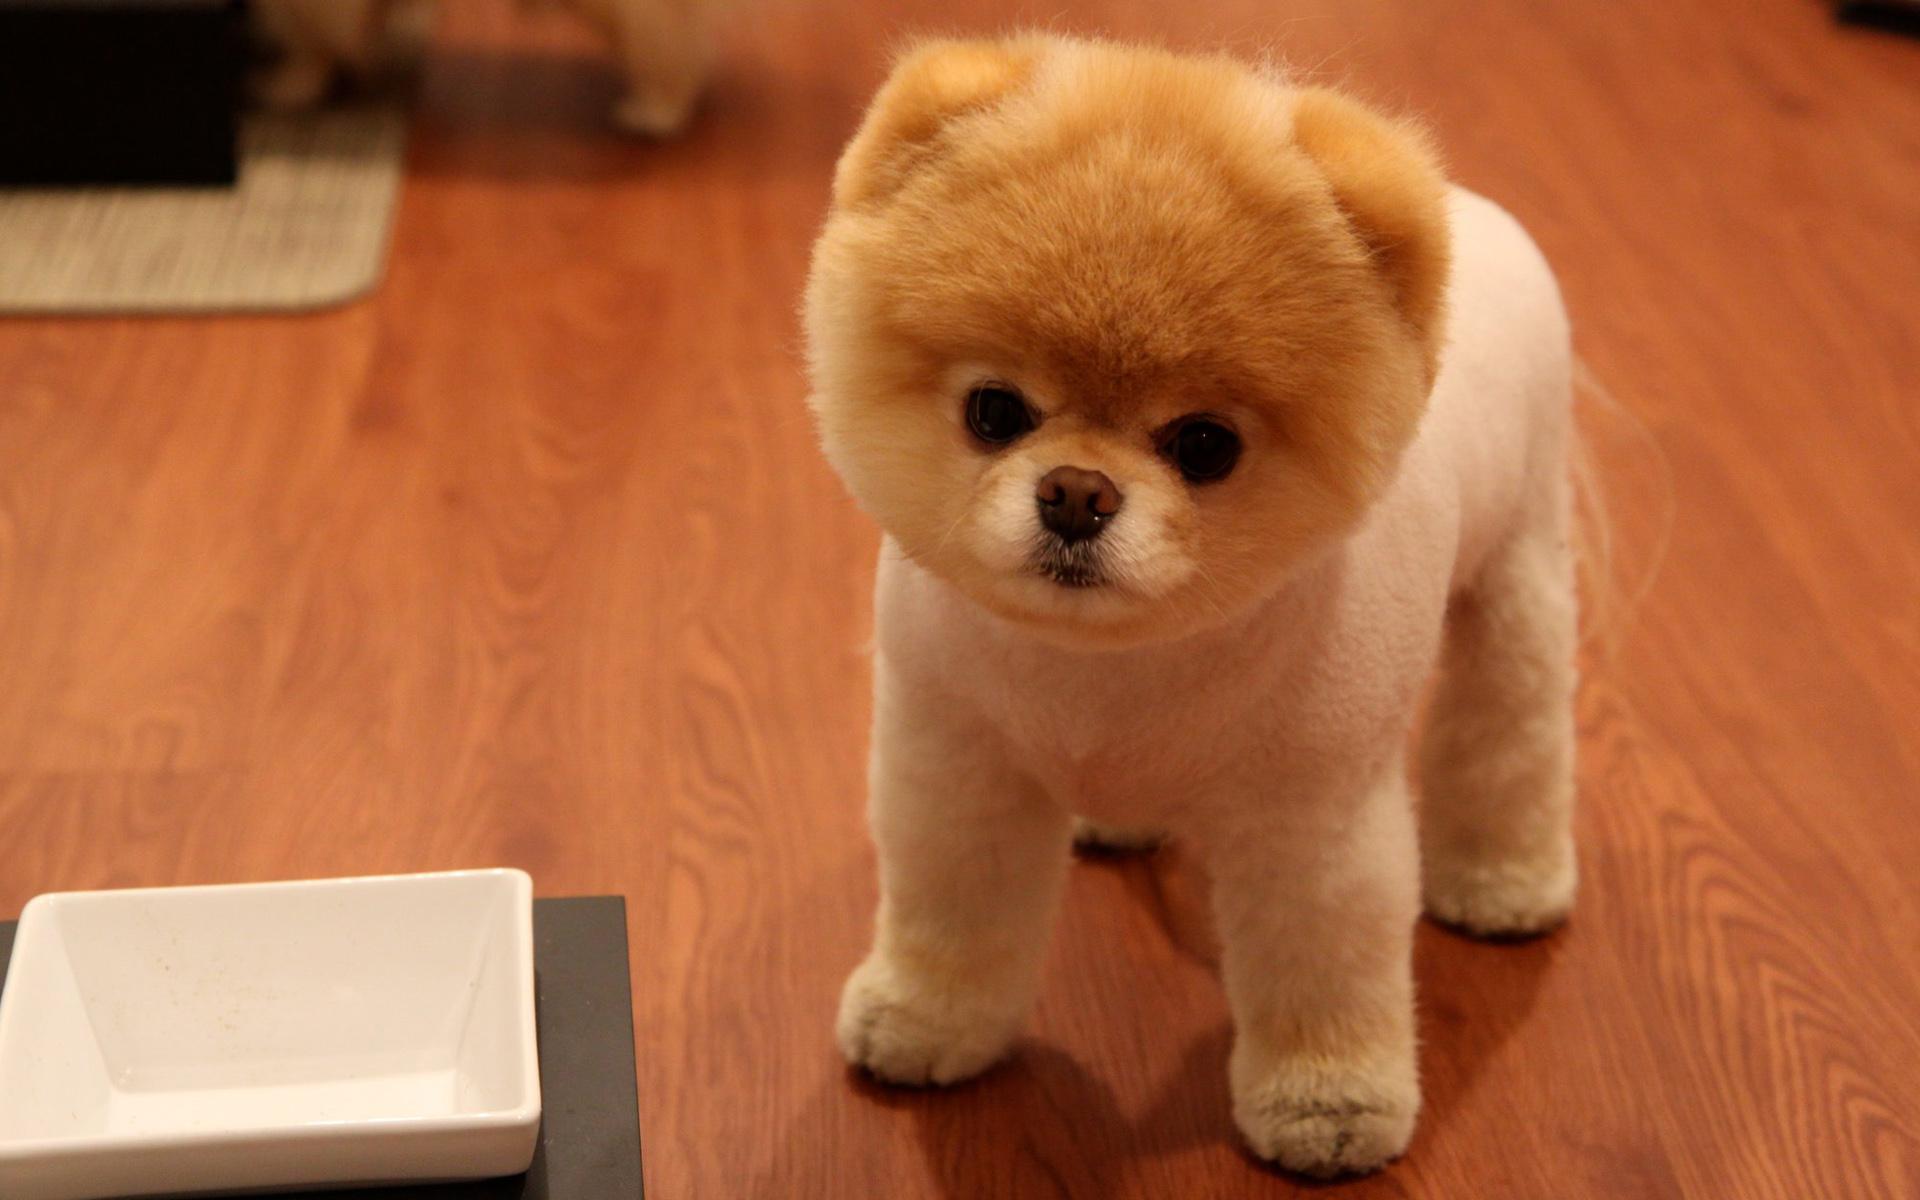 Imagen super tierna de un perro pomerania